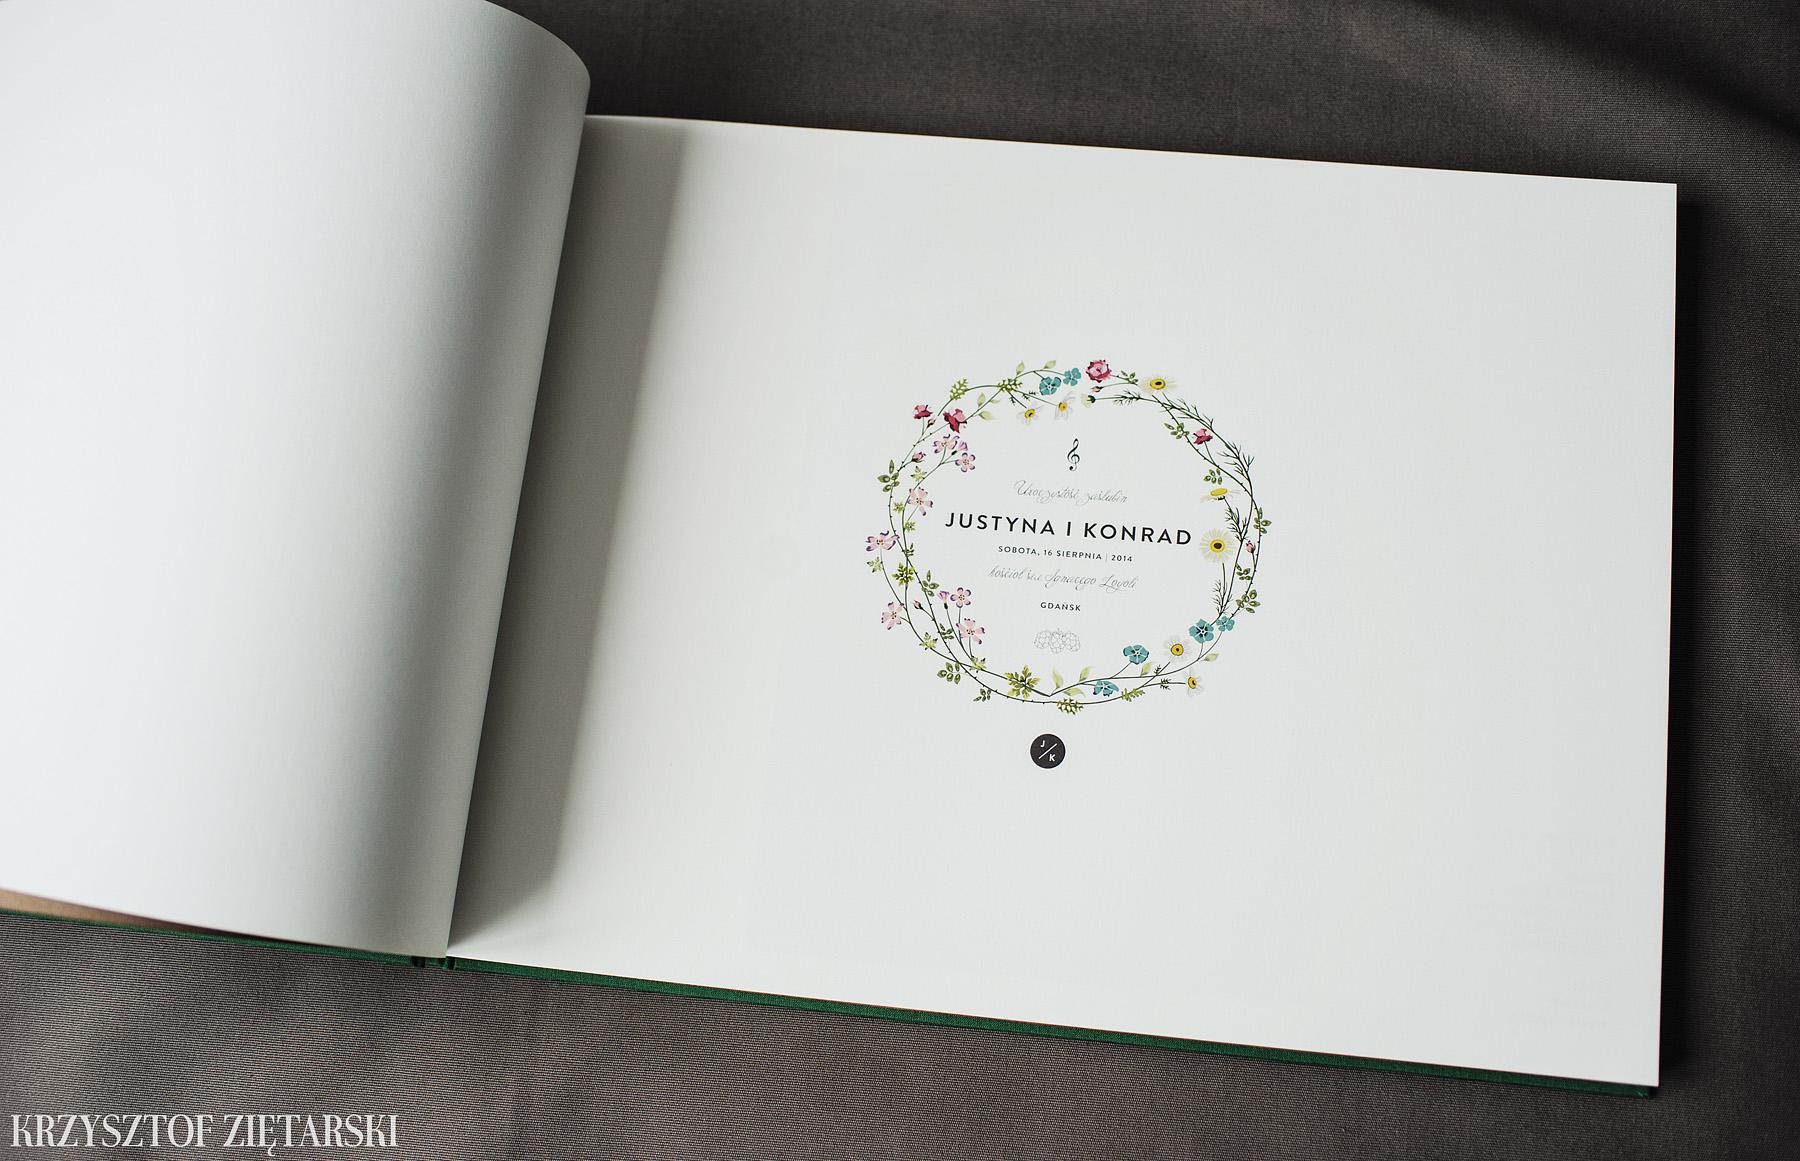 KrukBook 40x30cm, papier kremowy niepowlekany, zielone płótno C25 i tabakowa wyklejka - zdjęcia, przykłady